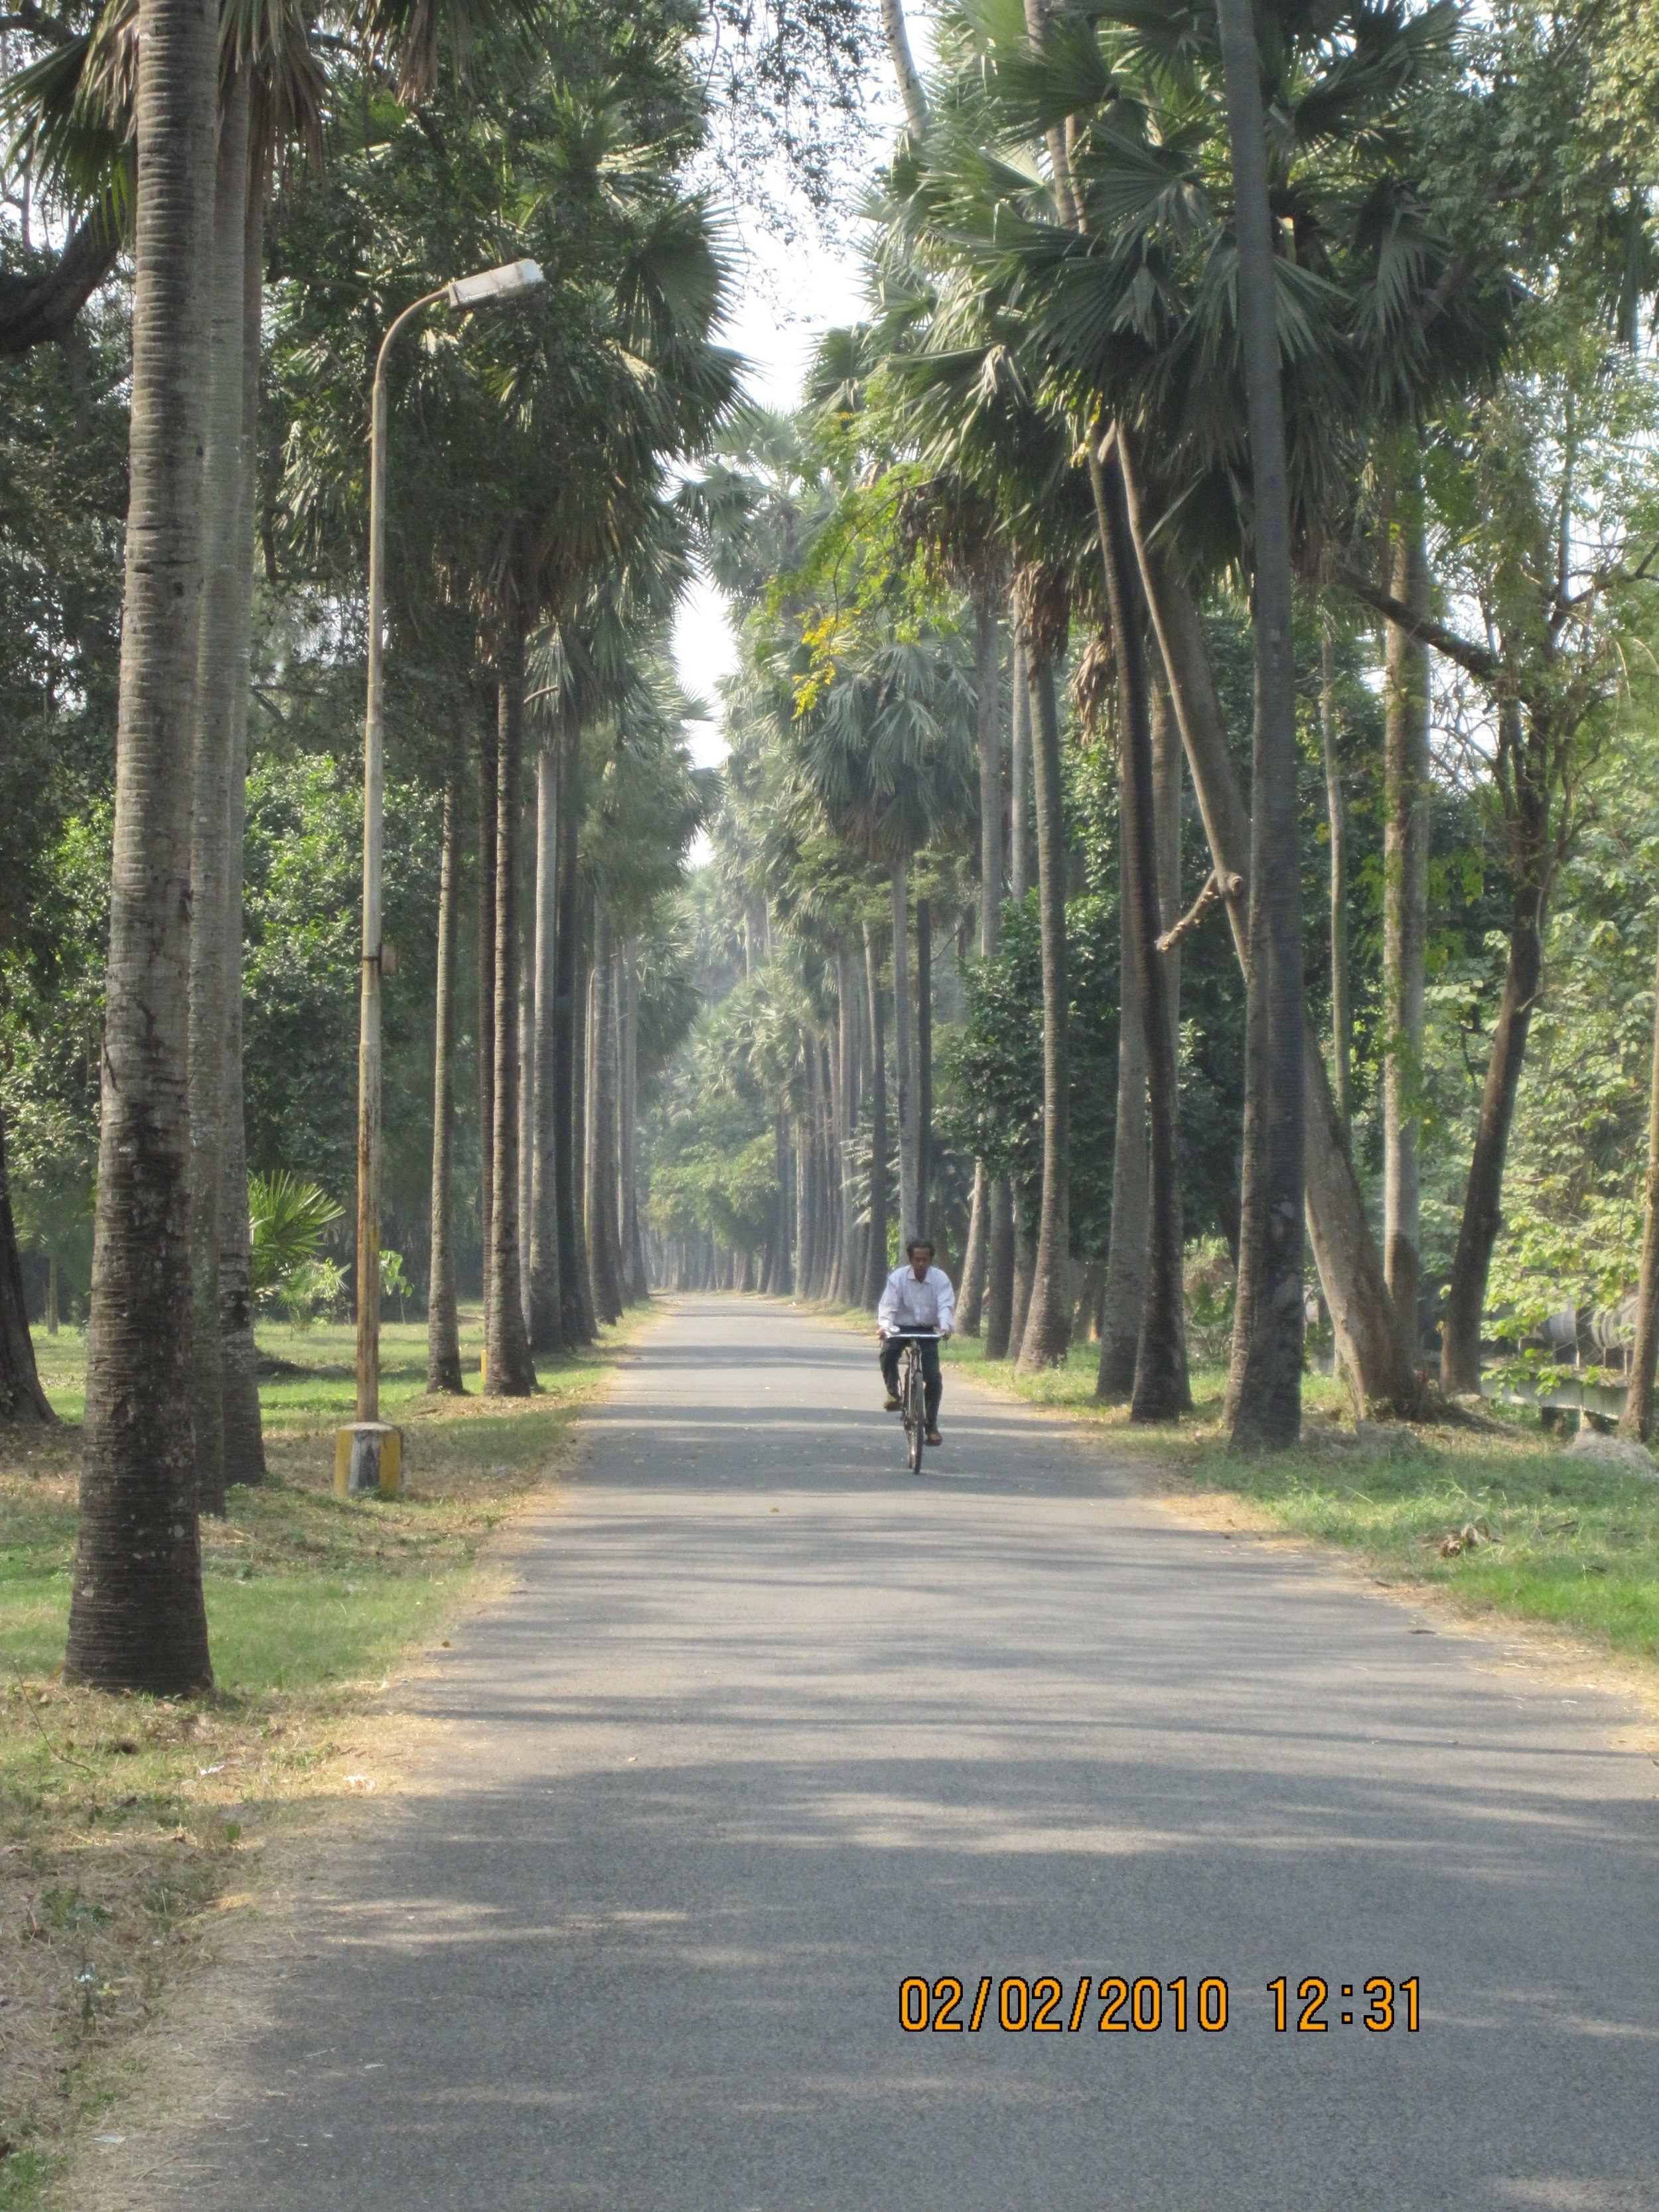 Picture taken by sipra at the  Acharya Jagadish Chandra Bose Indian Botanic Garden .